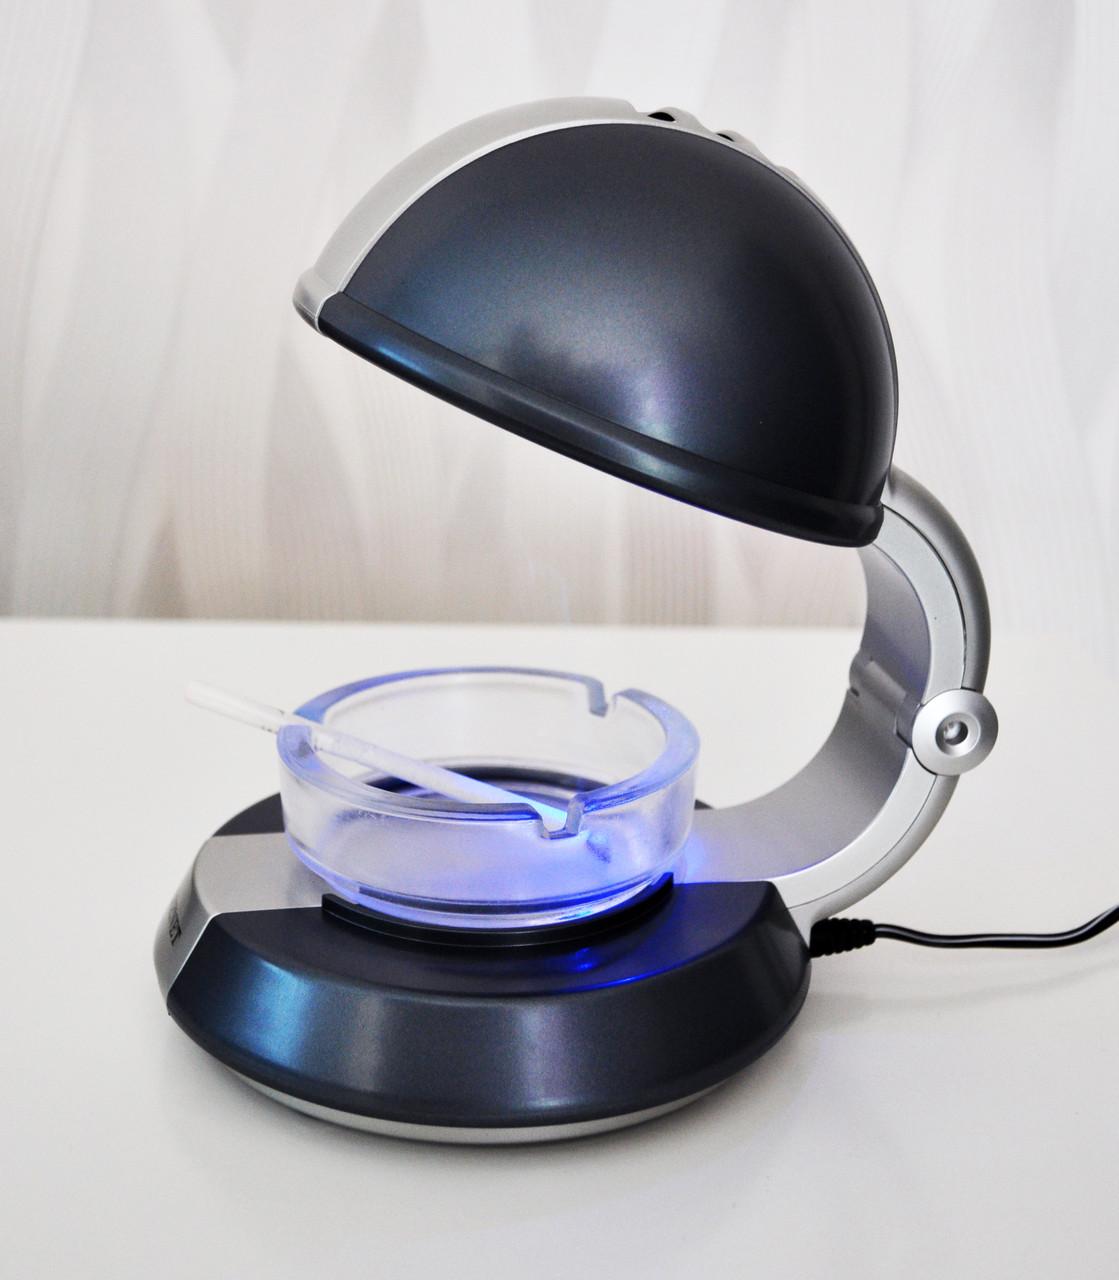 Ионный очиститель воздуха от табачного дыма ZENET XJ-888 пепельница с подсветкой